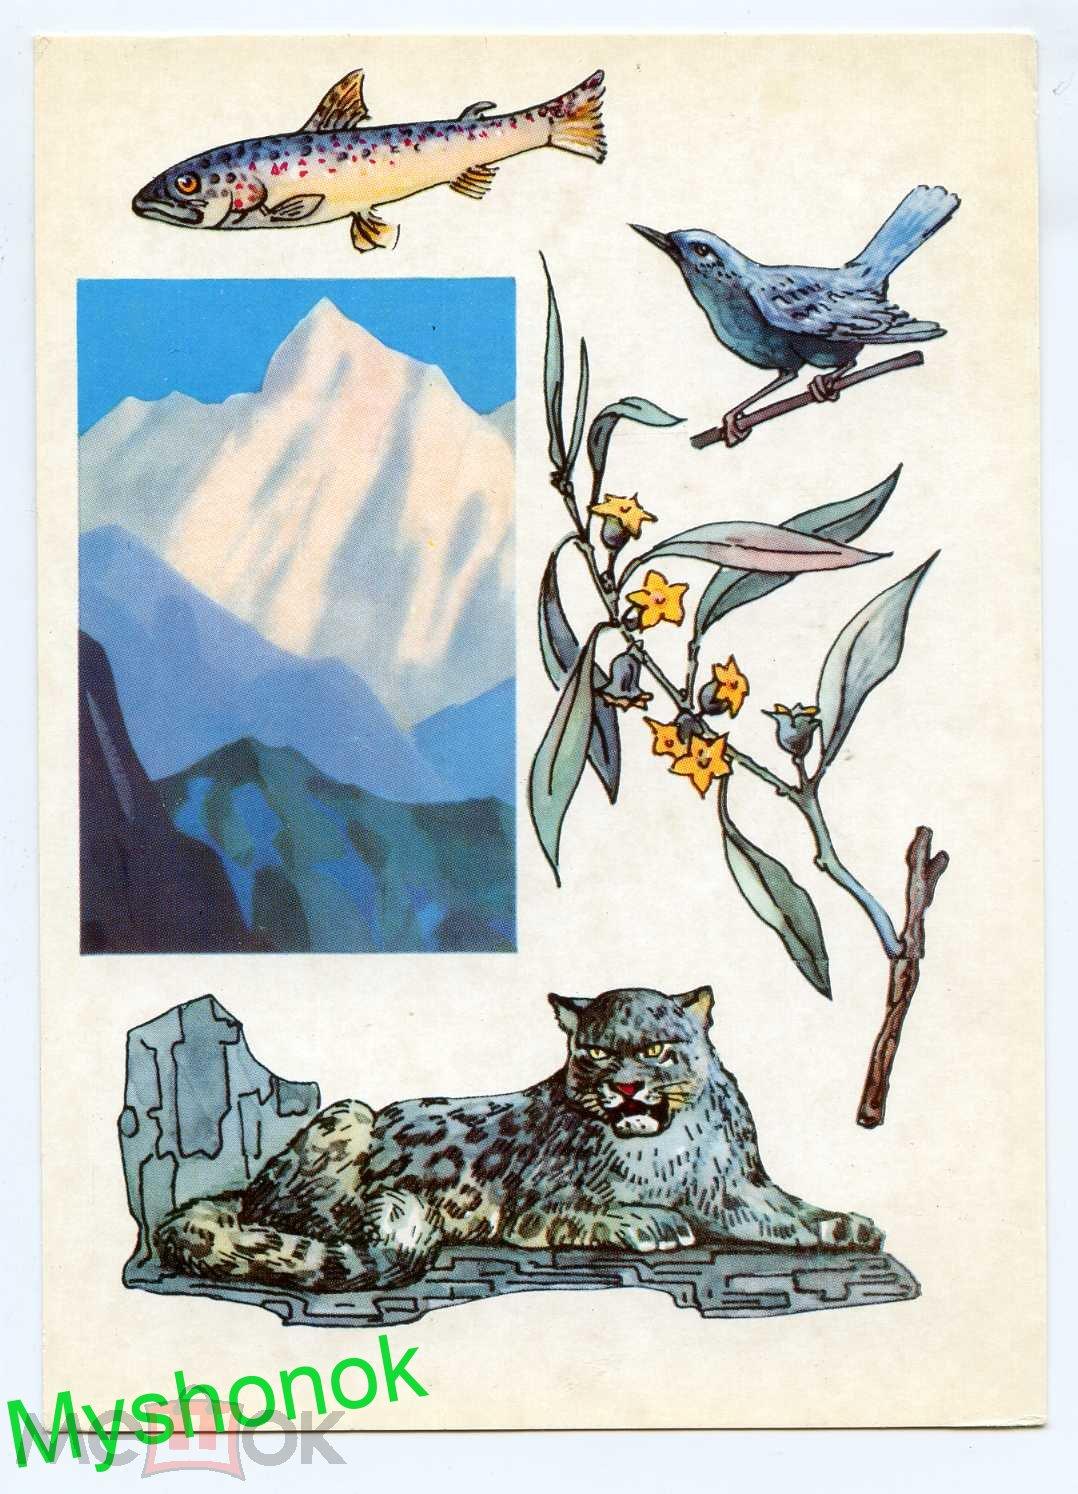 Набор открыток по заповедным местам ссср, хорошего дня открытка